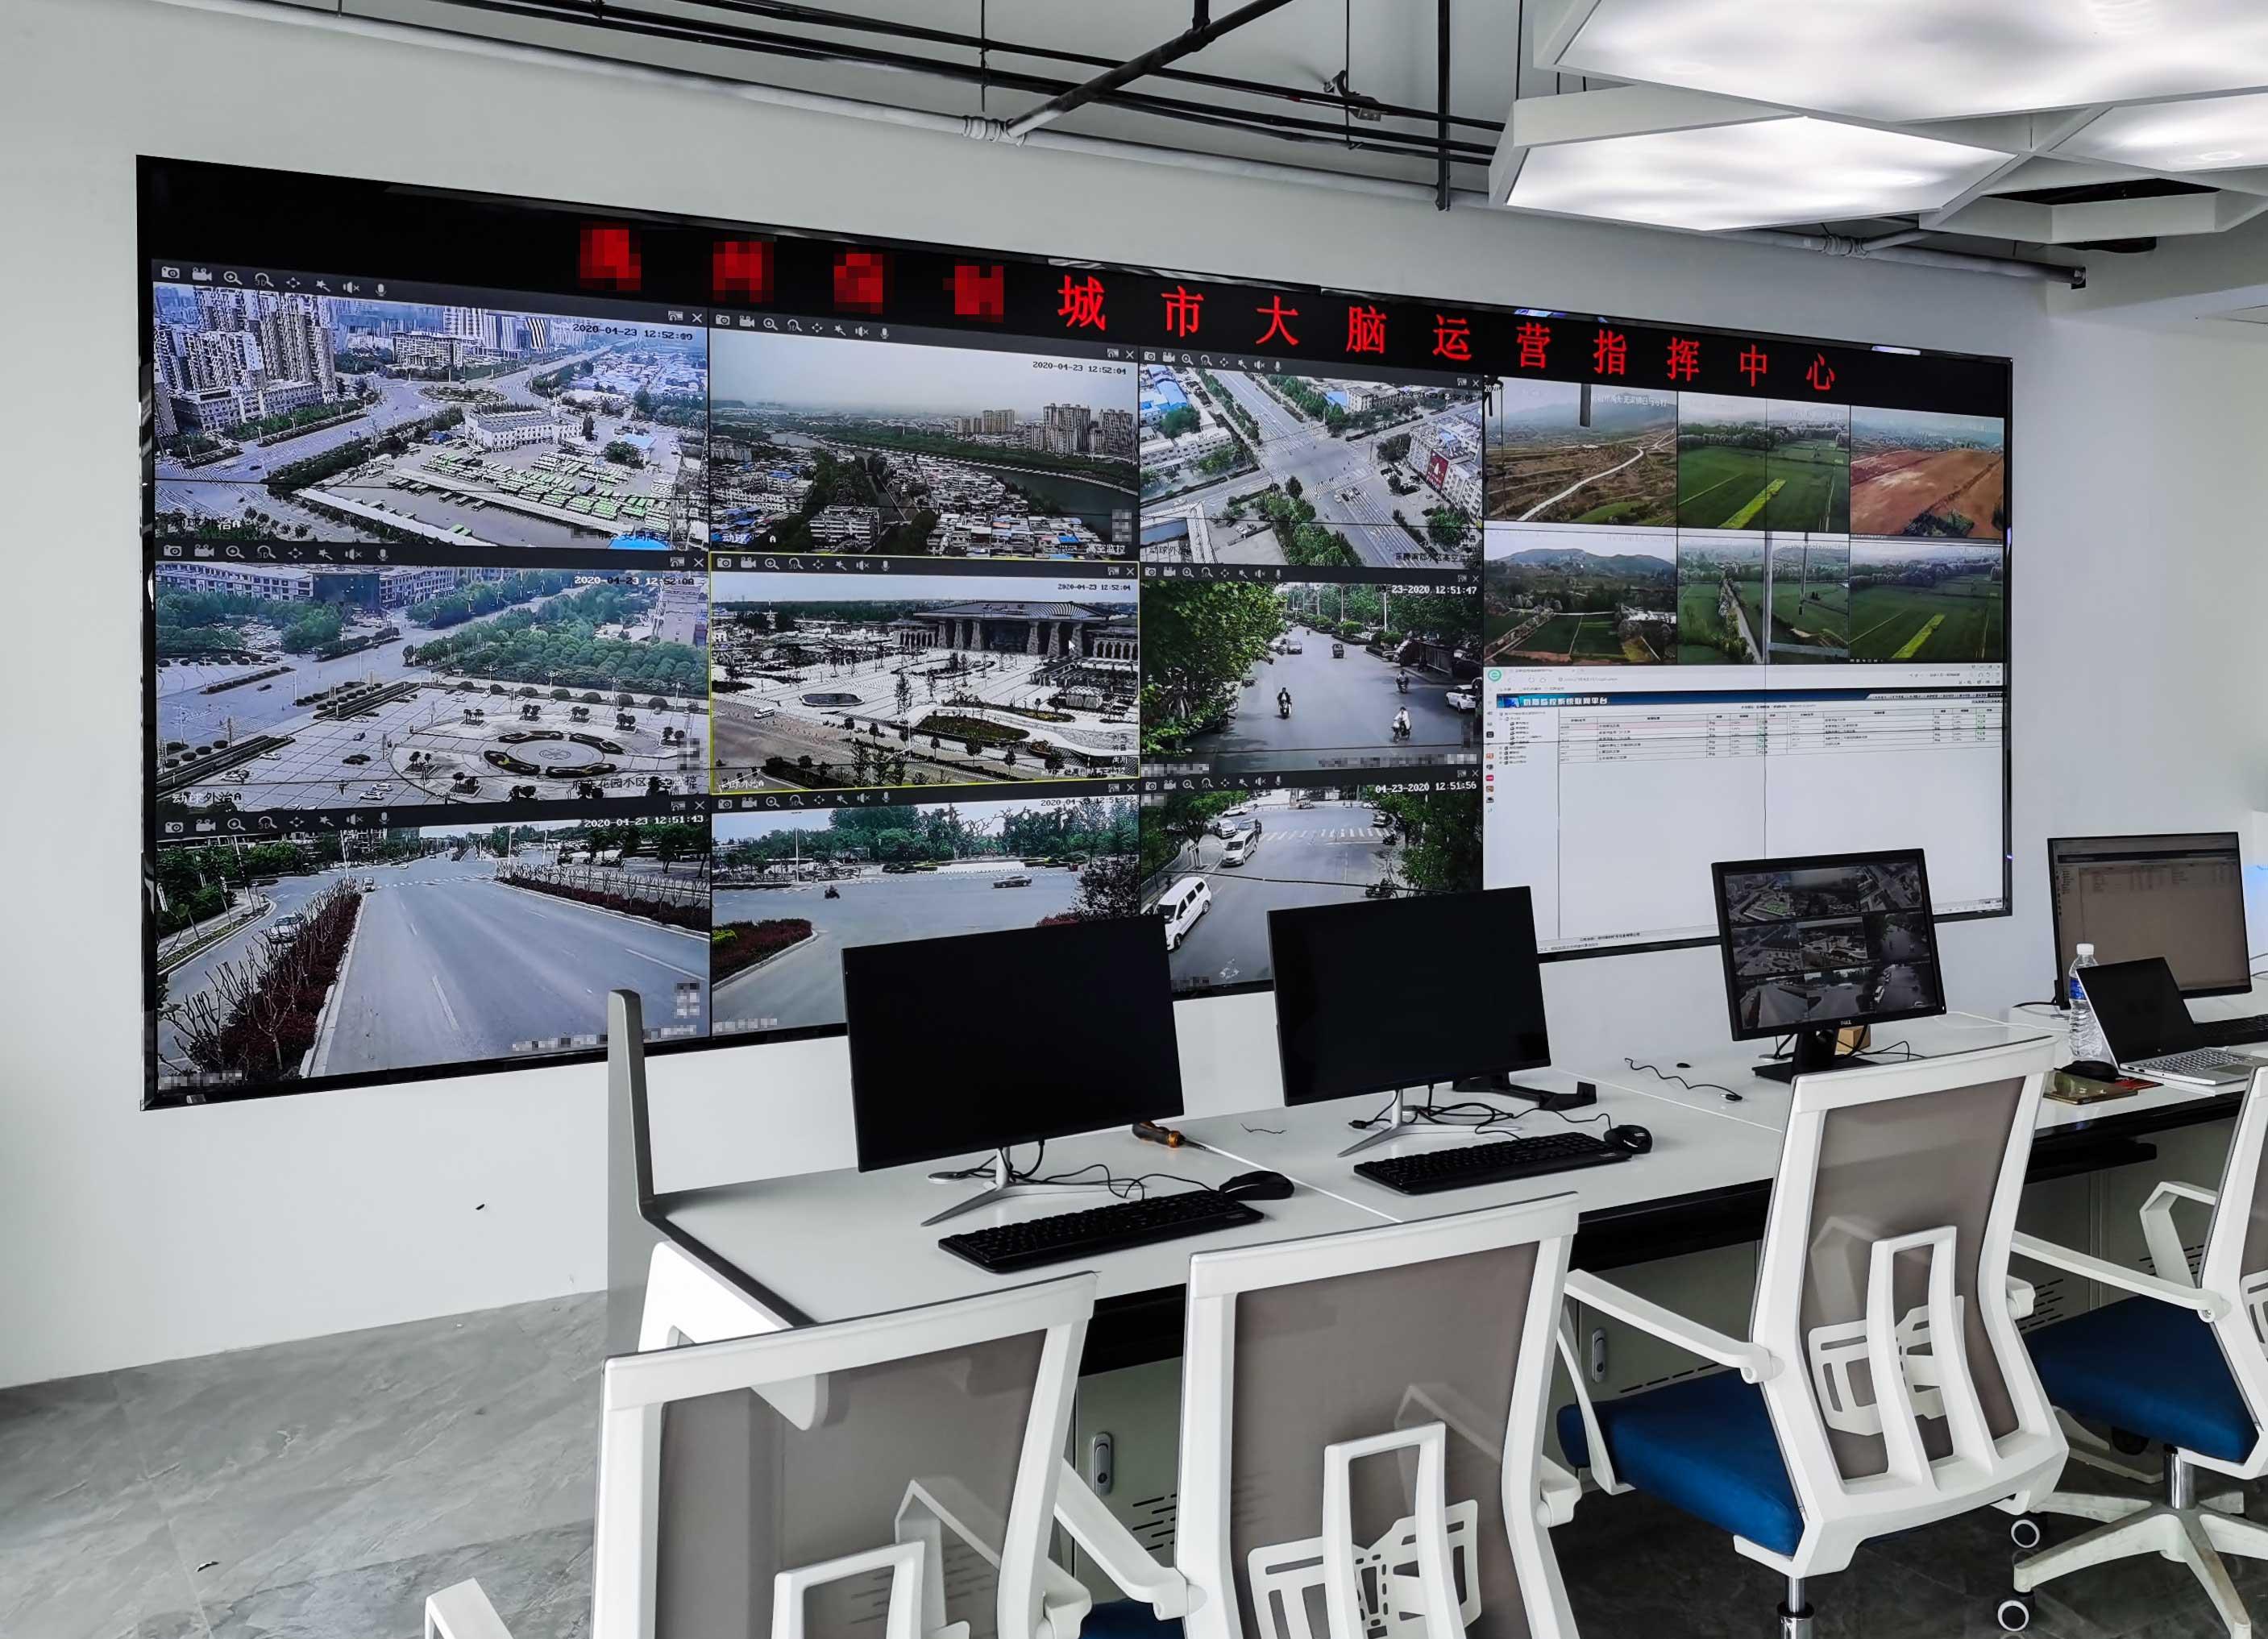 4河南省某城市大脑运营指挥中心.jpg